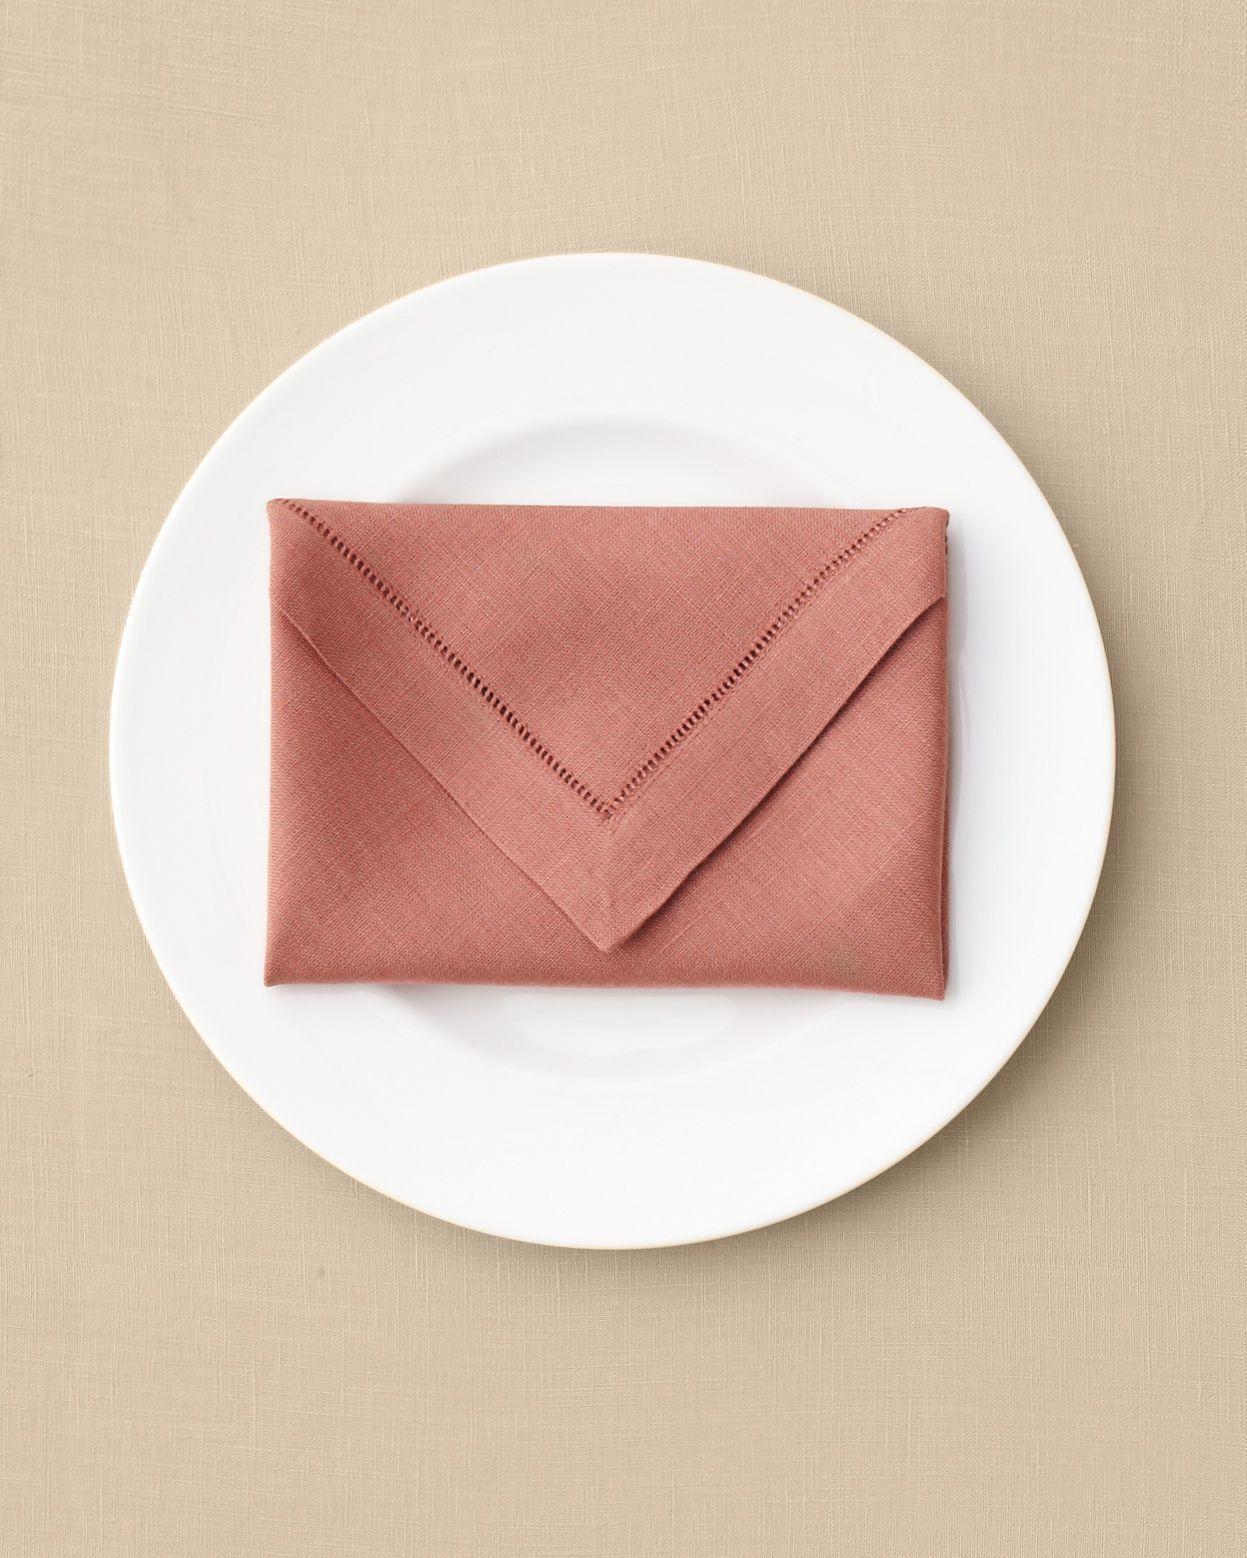 Wie man eine Serviette auf 10 schöne Arten faltet Handwerk #beautiful #CraFts #fold #napk ...